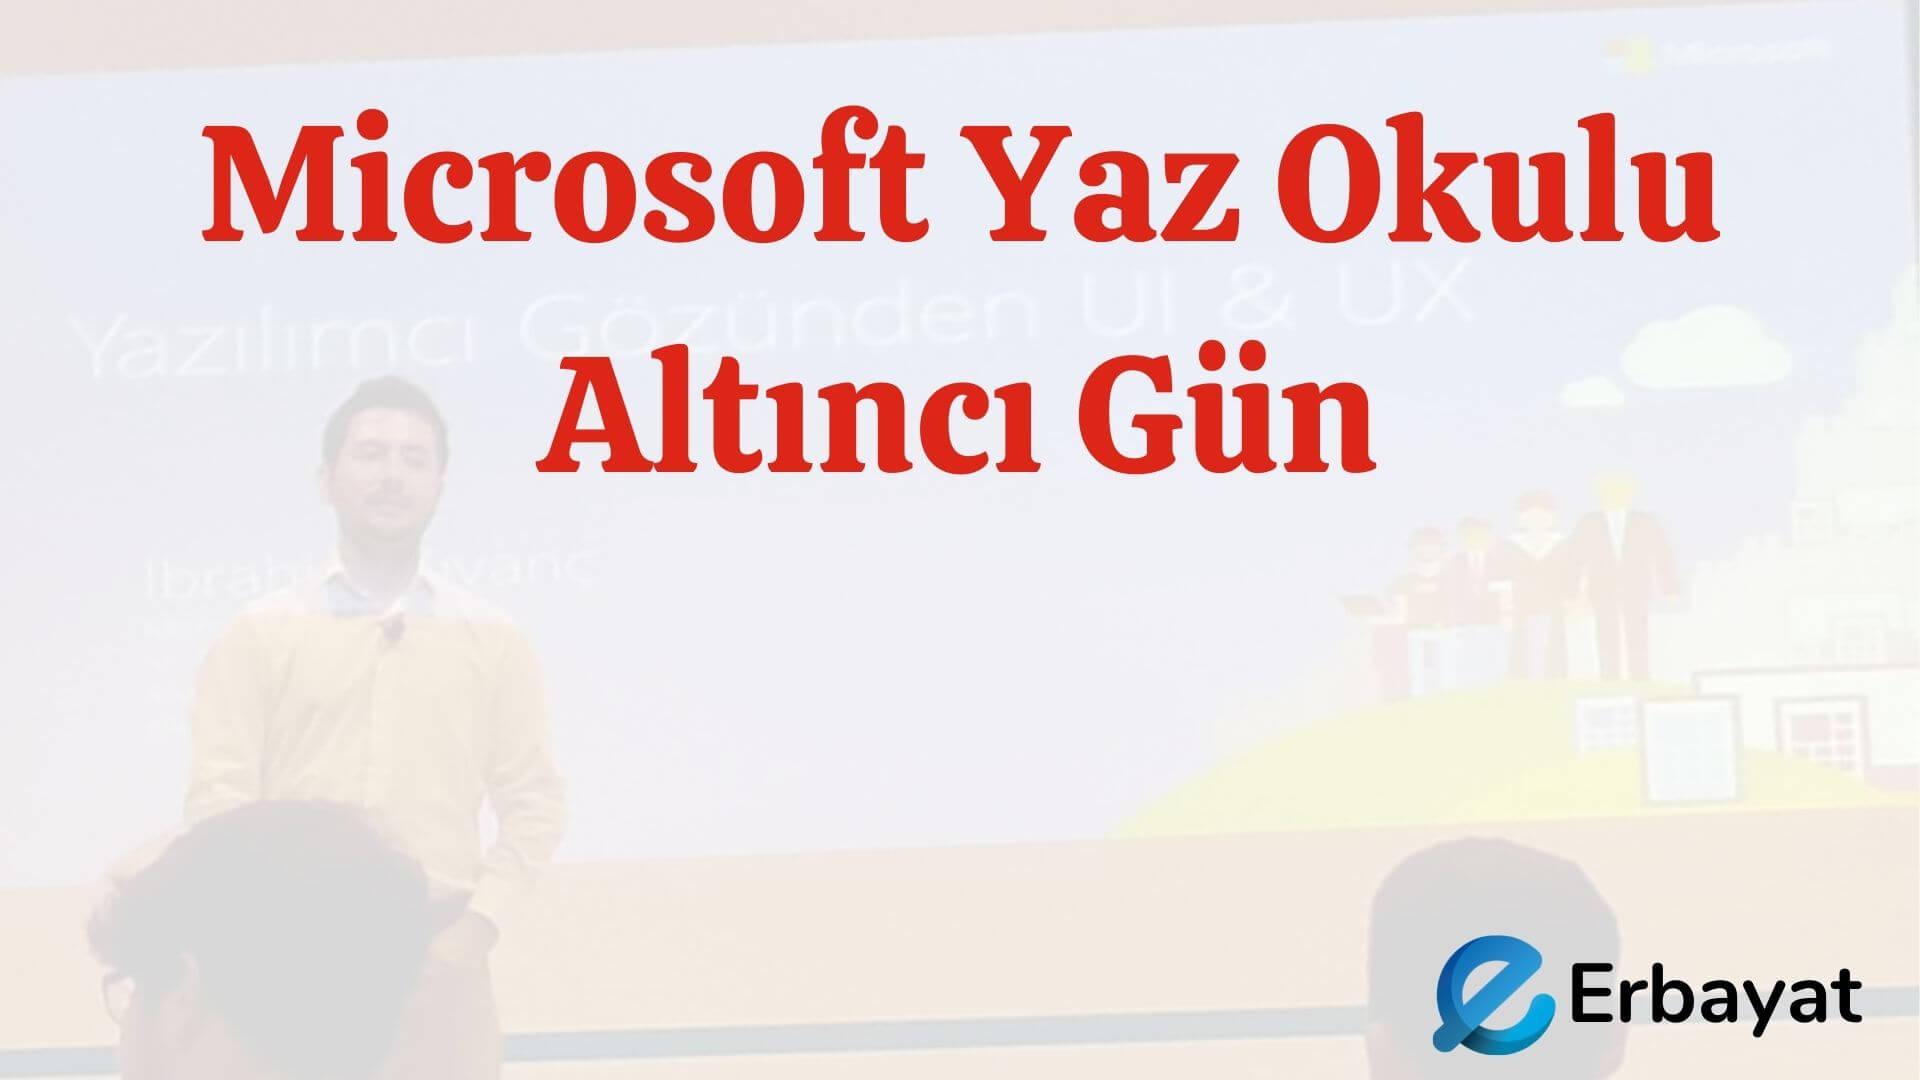 Microsoft Yaz Okulu Altıncı Gün